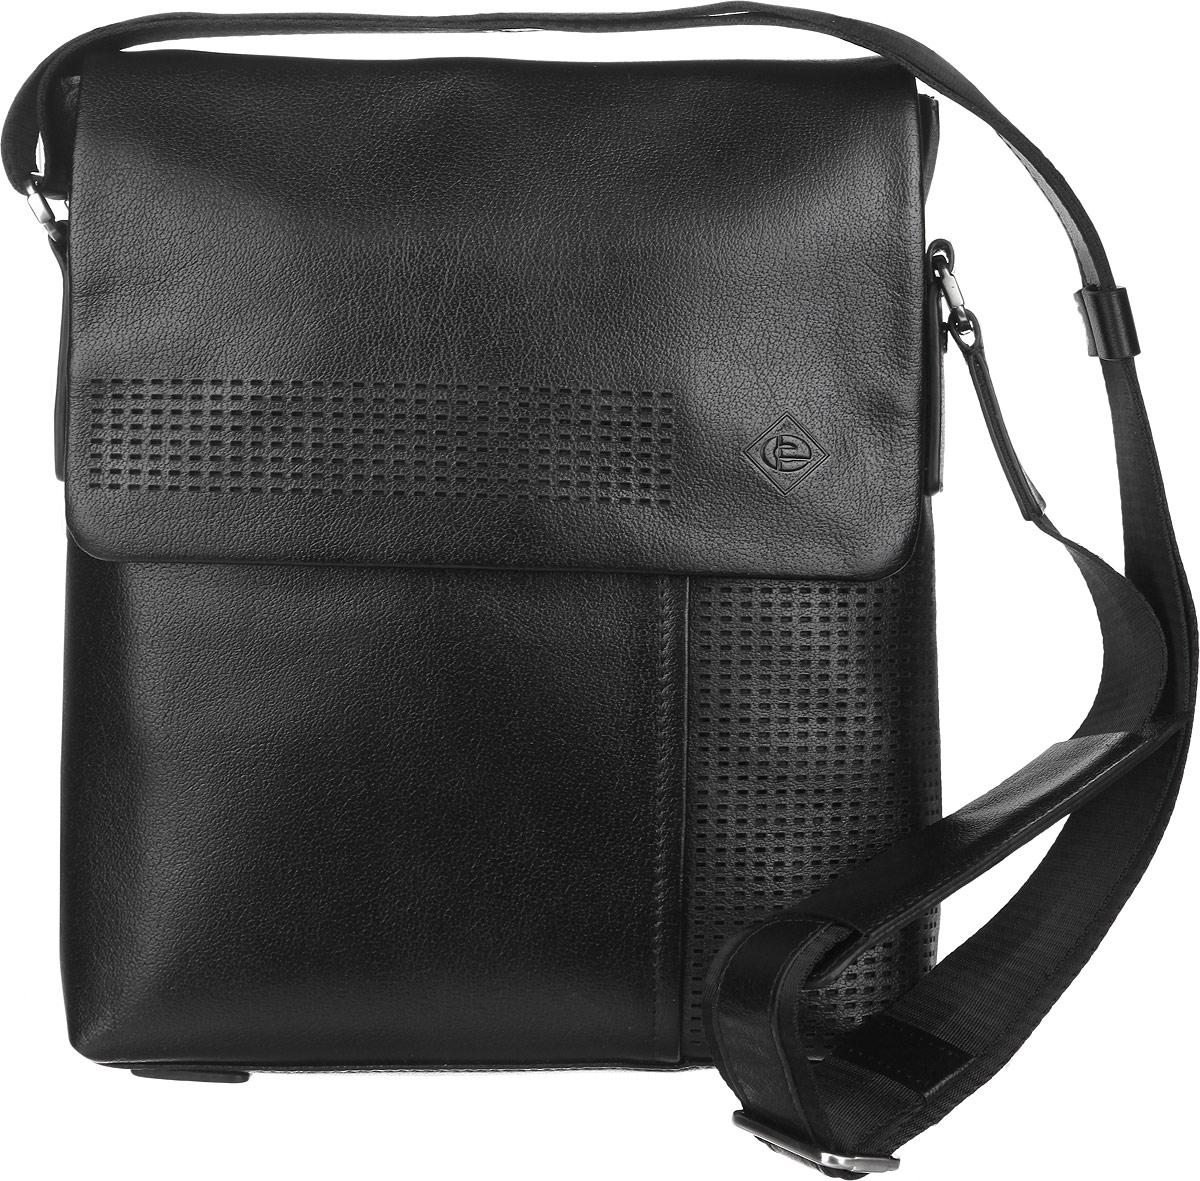 Сумка мужская Edmins, цвет: черный. 1322А-2 BL1322А-2 BL blackМужская сумка Edmins выполнена из натуральной кожи и оформлена декоративной перфорацией. Сумка имеет одно отделение на застежке-молнии, внутри которого расположены - прорезной карман на застежке-молнии, накладной открытый карман для мелочей, два держателя для авторучек, накладной карман для мобильного телефона и открытый накладной карман для планшета. Закрывается изделие на клапан с магнитами. Снаружи, на передней стенке под клапаном расположен открытый накладной карман, на задней стенке - прорезной карман на застежке-молнии. Сумка оснащена текстильным плечевым ремнем, который регулируется по длине. Изделие упаковано в фирменный чехол. Сдержанность и продуманный дизайн изделия не оставят равнодушным ни одного представителя сильной половины человечества.